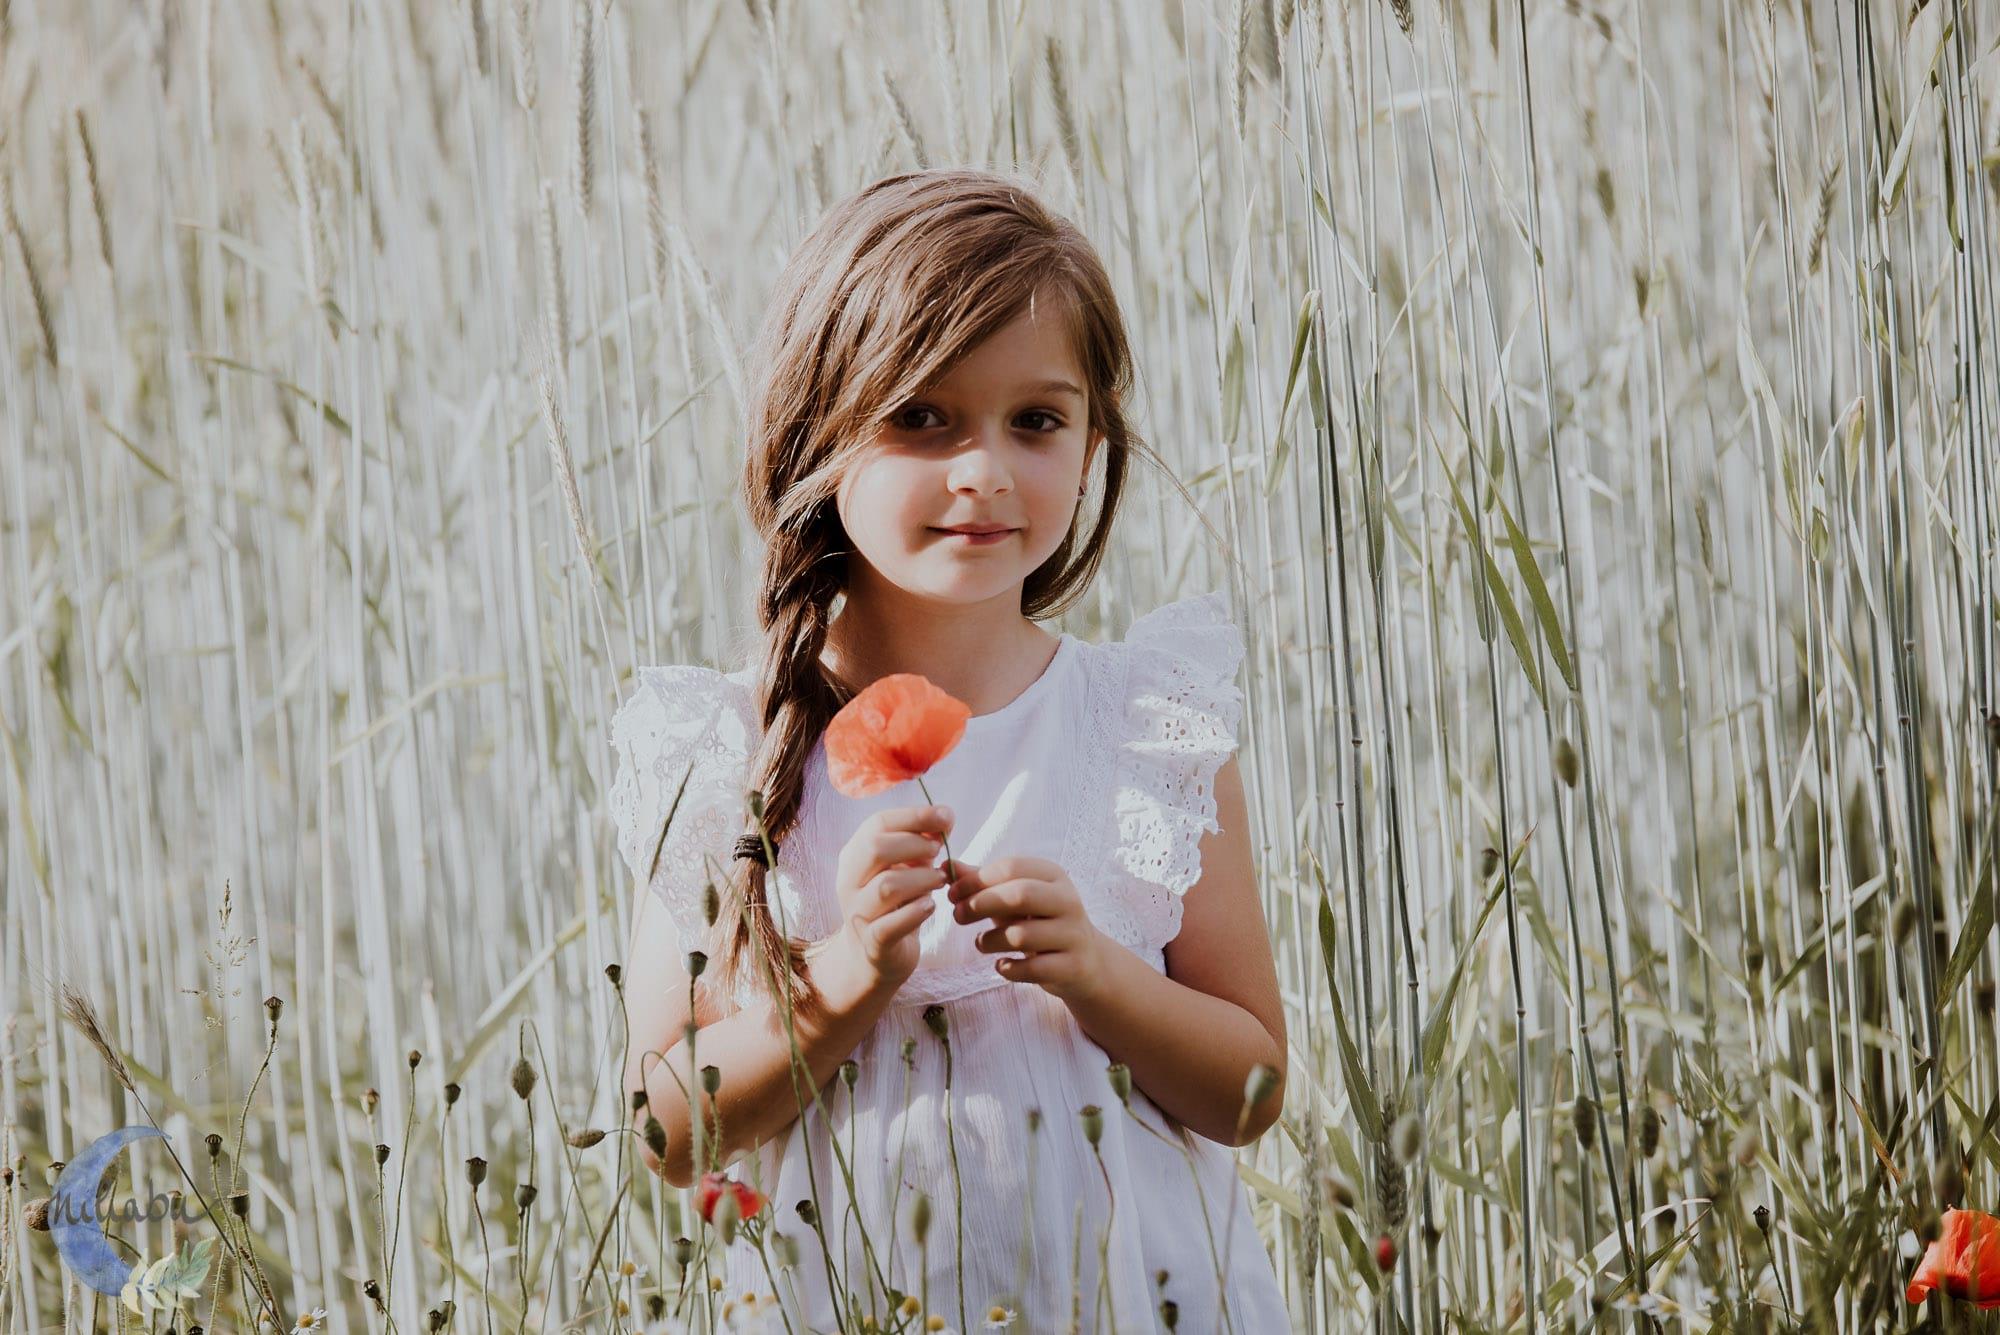 Kinderfotografin-Trier-Kornfeld-Blumenwiese-19